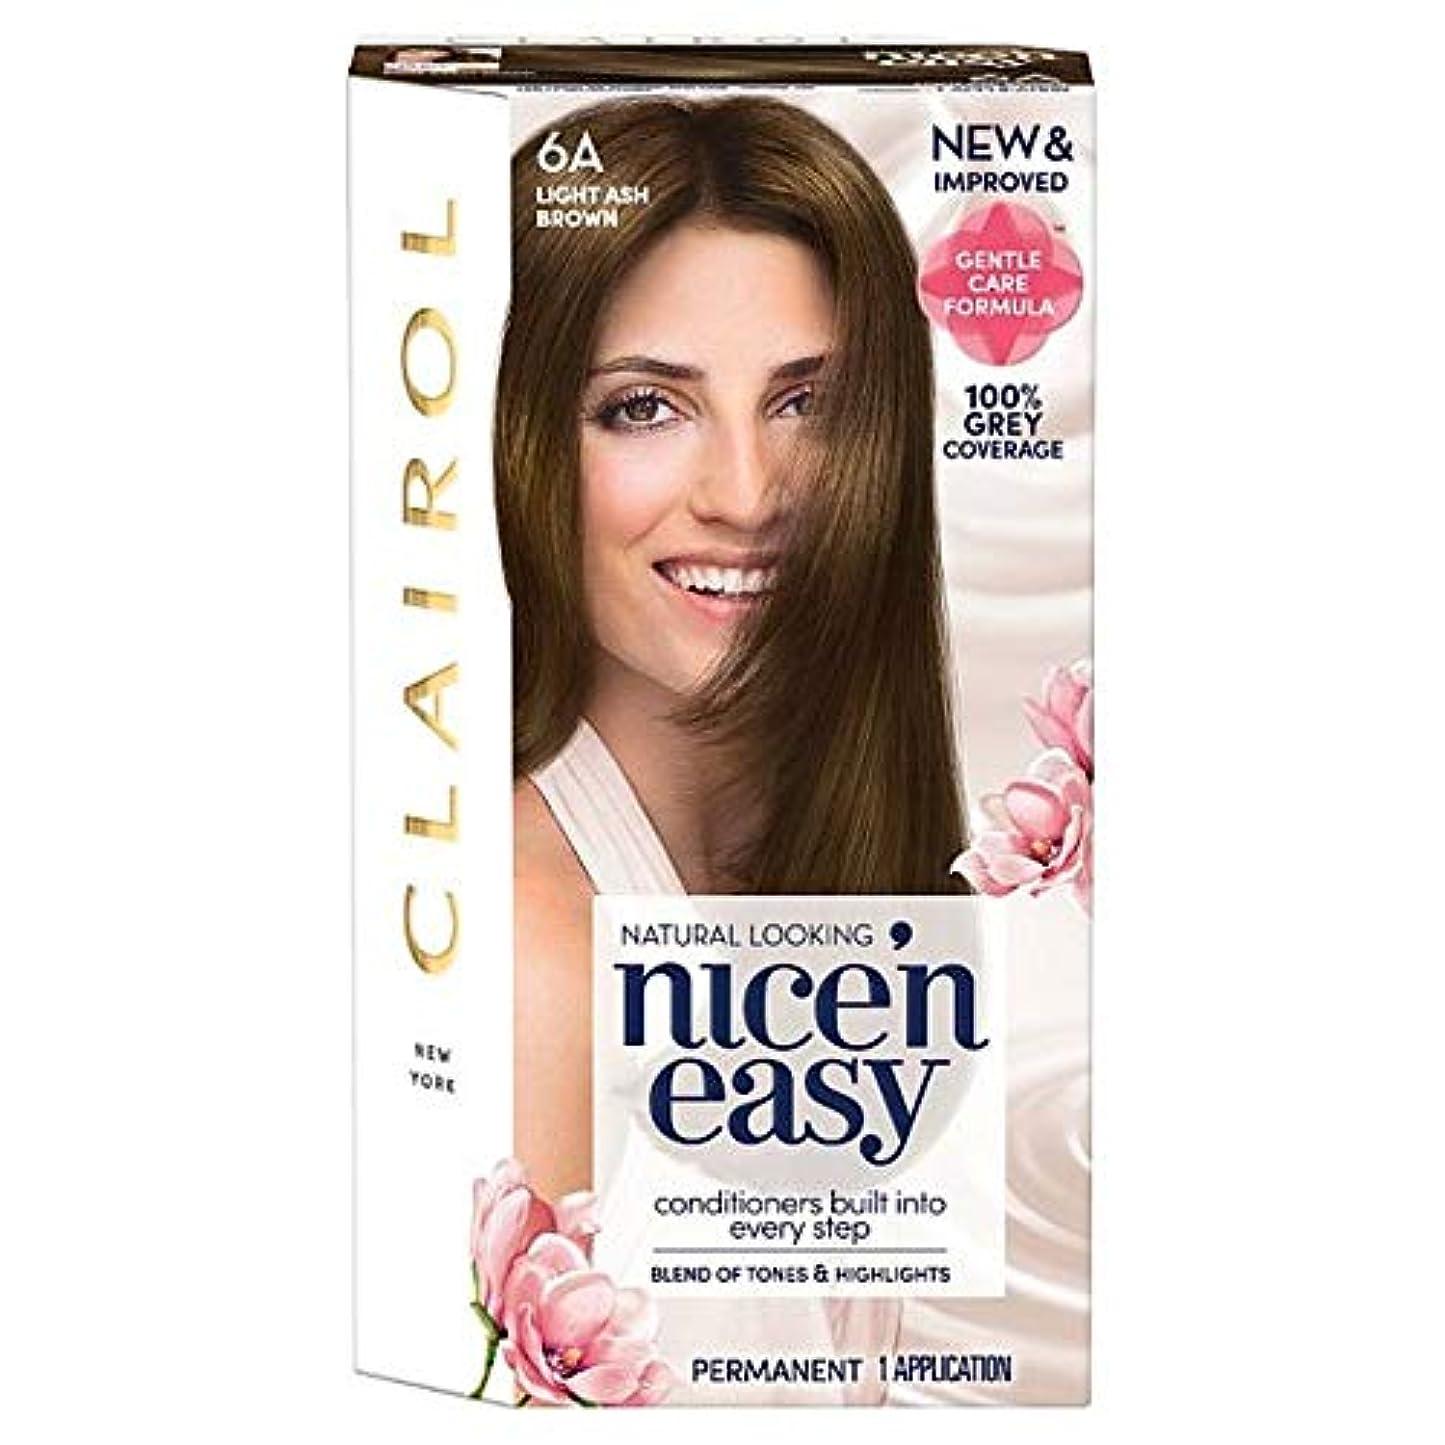 仲間、同僚麻痺より[Nice'n Easy] クレイロール素敵な「N簡単軽灰褐色6Aの染毛剤 - Clairol Nice 'N Easy Light Ash Brown 6A Hair Dye [並行輸入品]